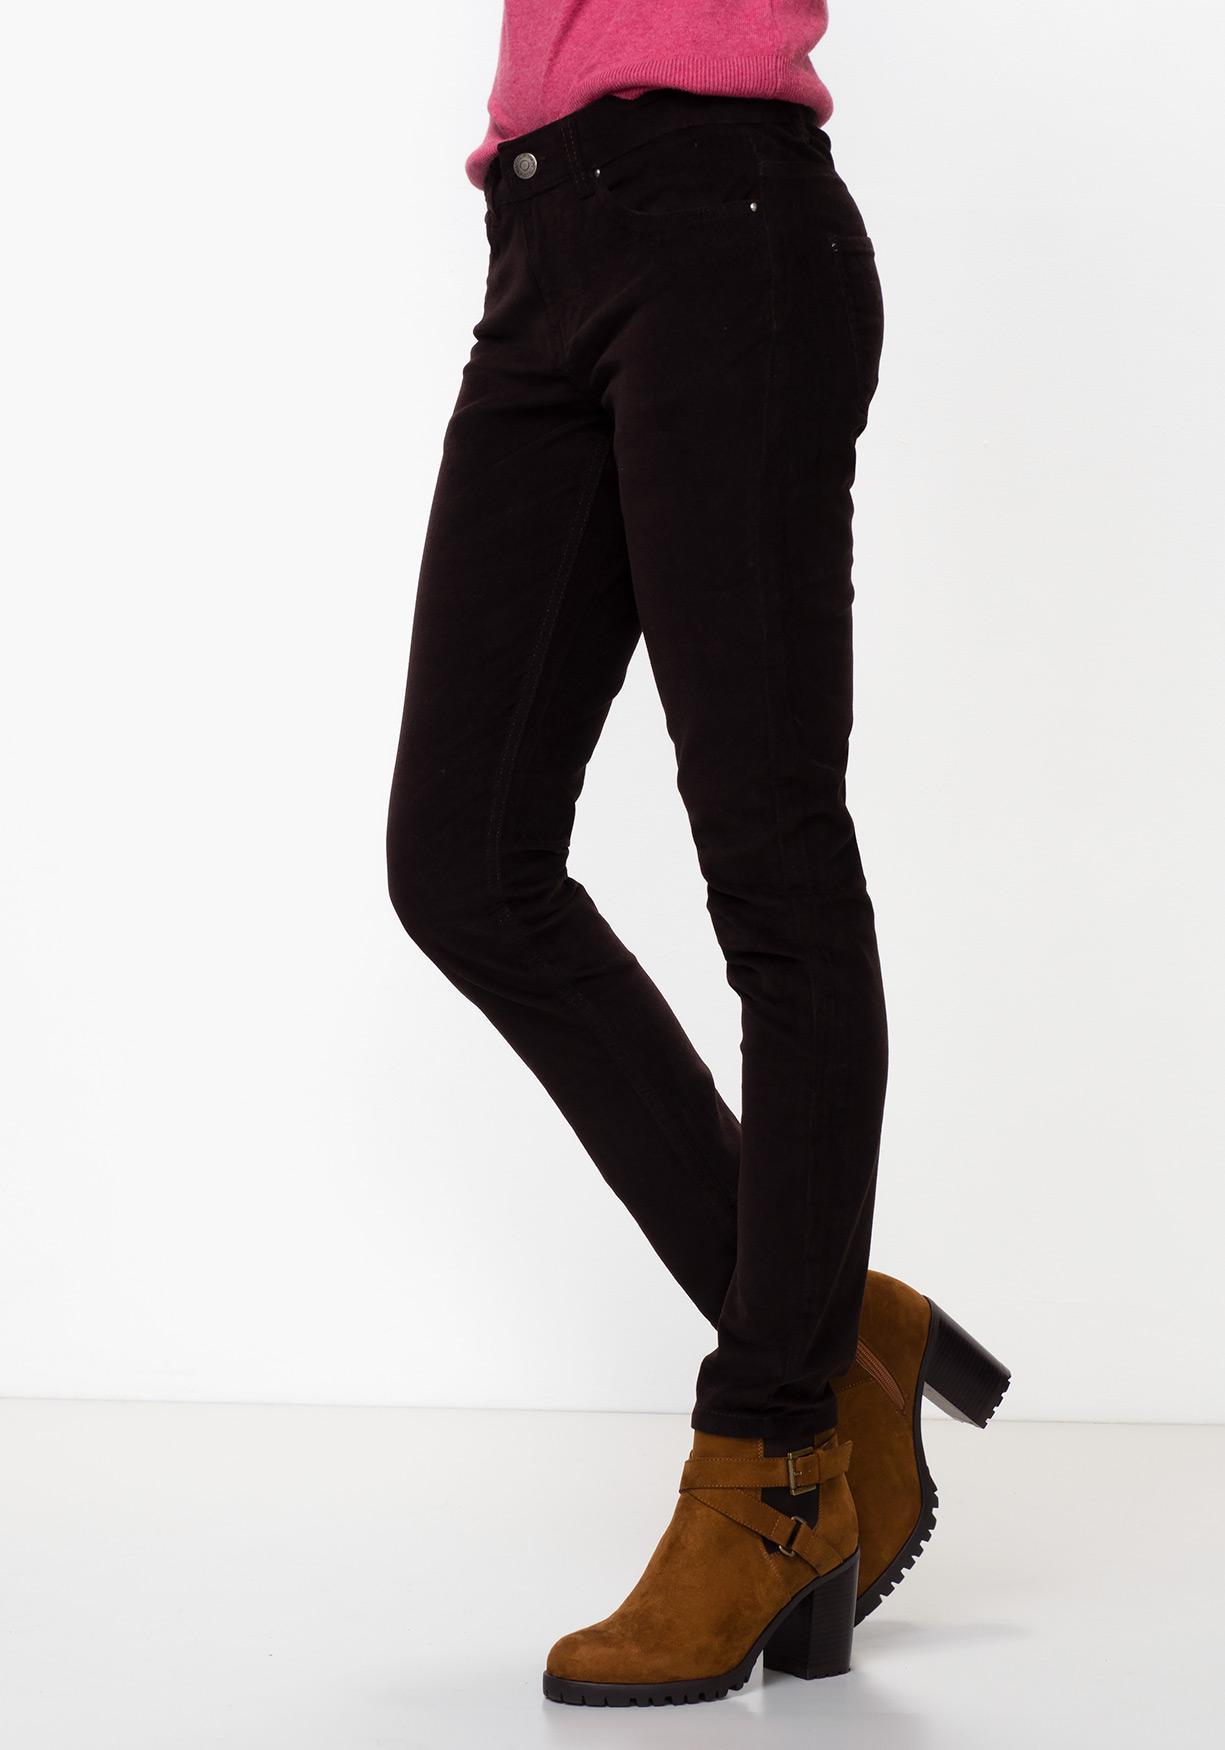 b18567561 Comprar Pantalón de mujer micropana TEX. ¡Aprovéchate de nuestros ...